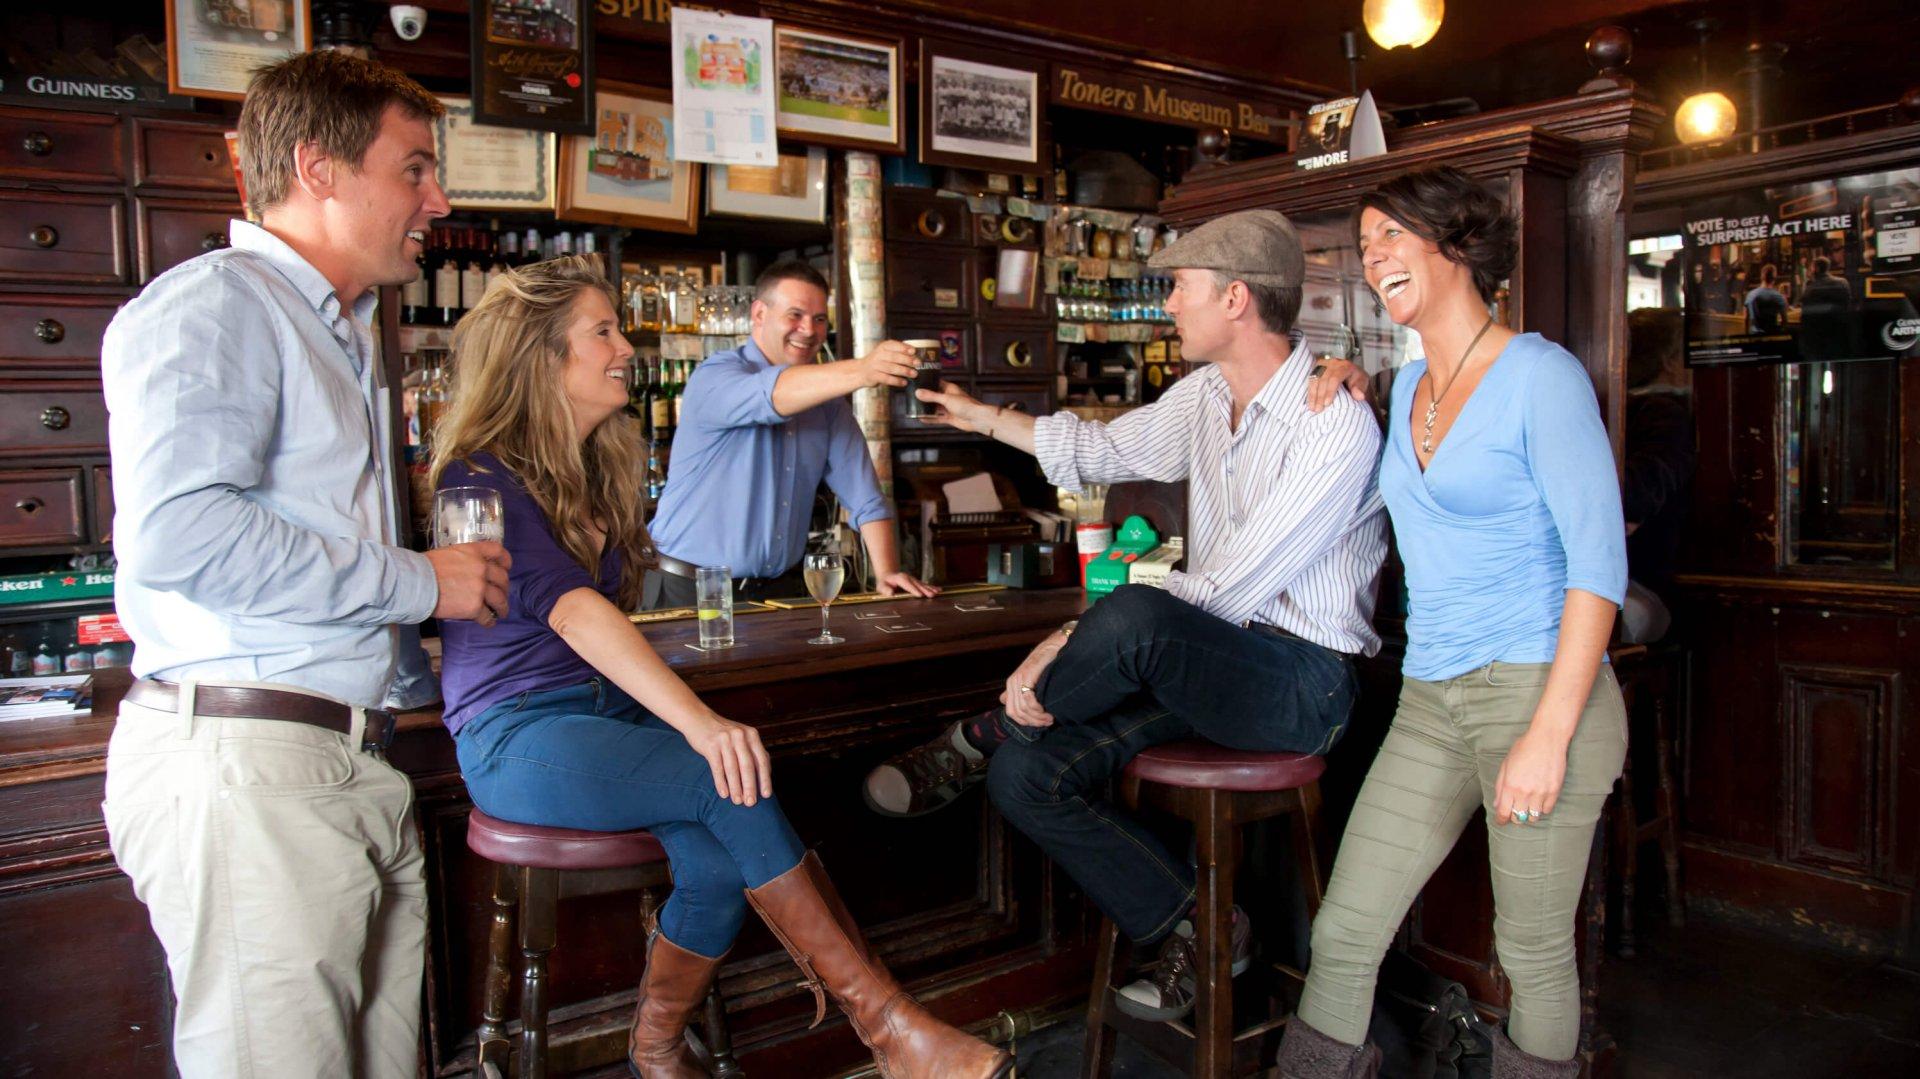 Group having fun with a barman in an Irish pub, saying cheers